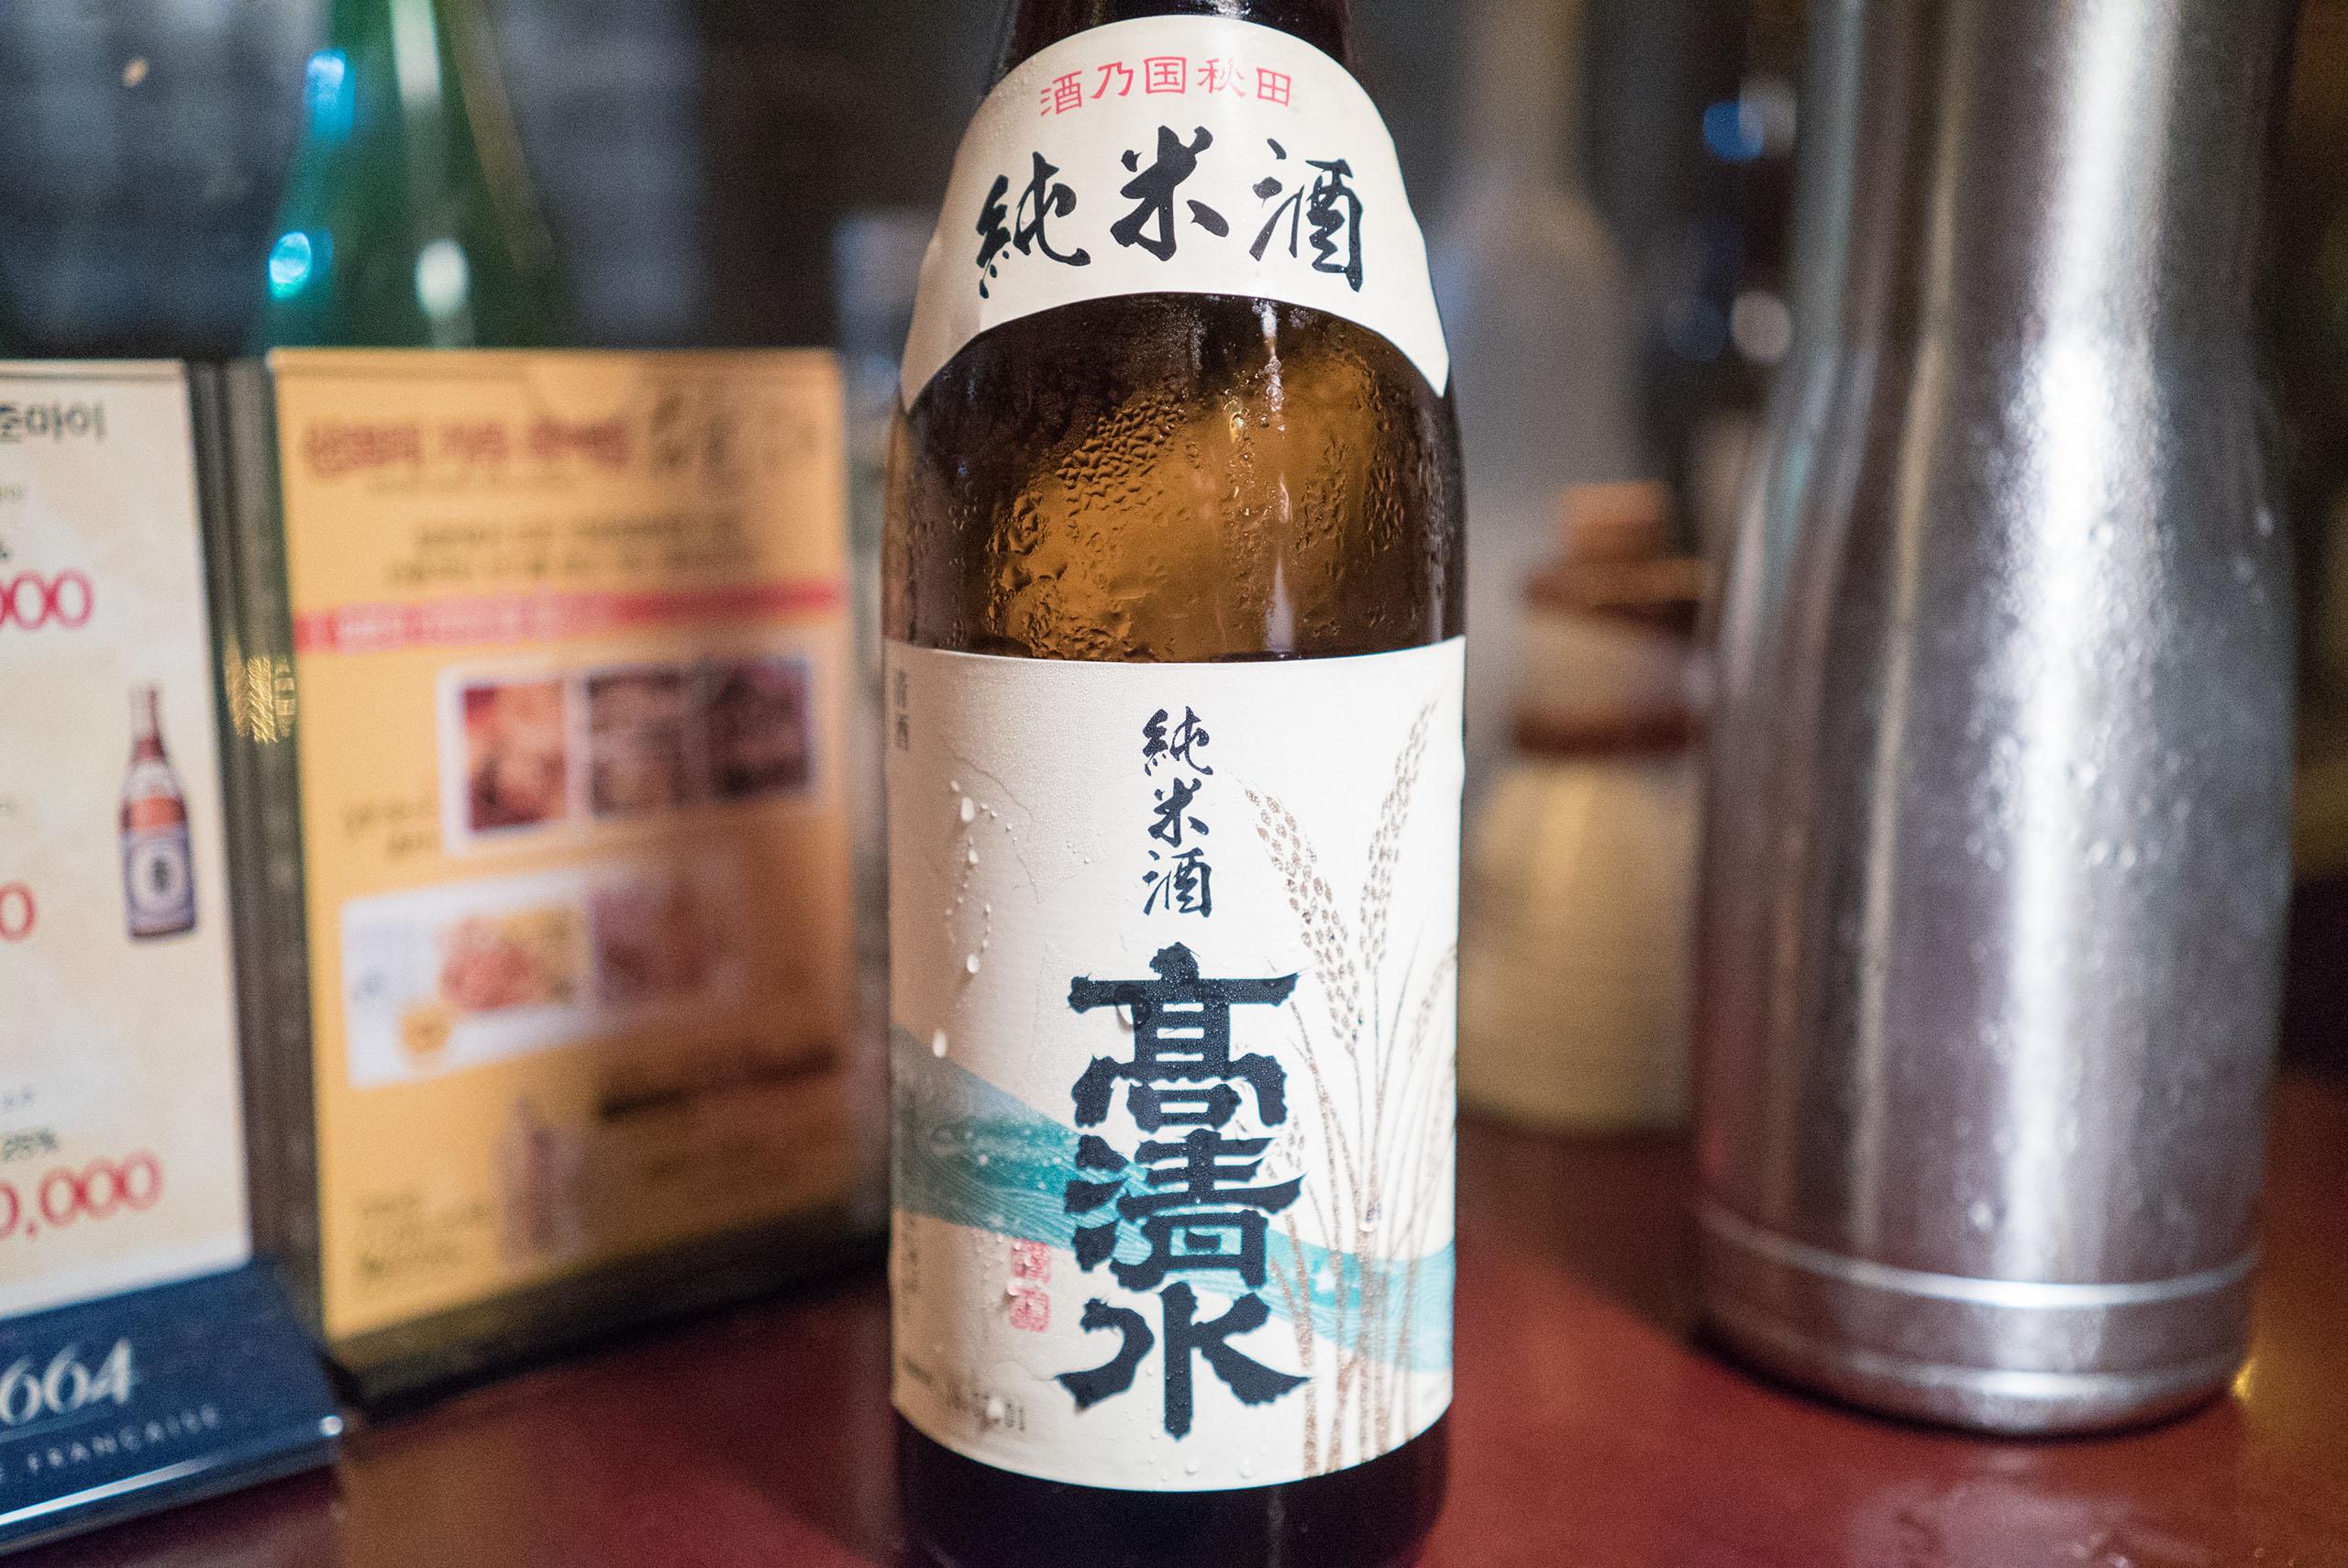 다카시미즈 사케노쿠니 쥰마이